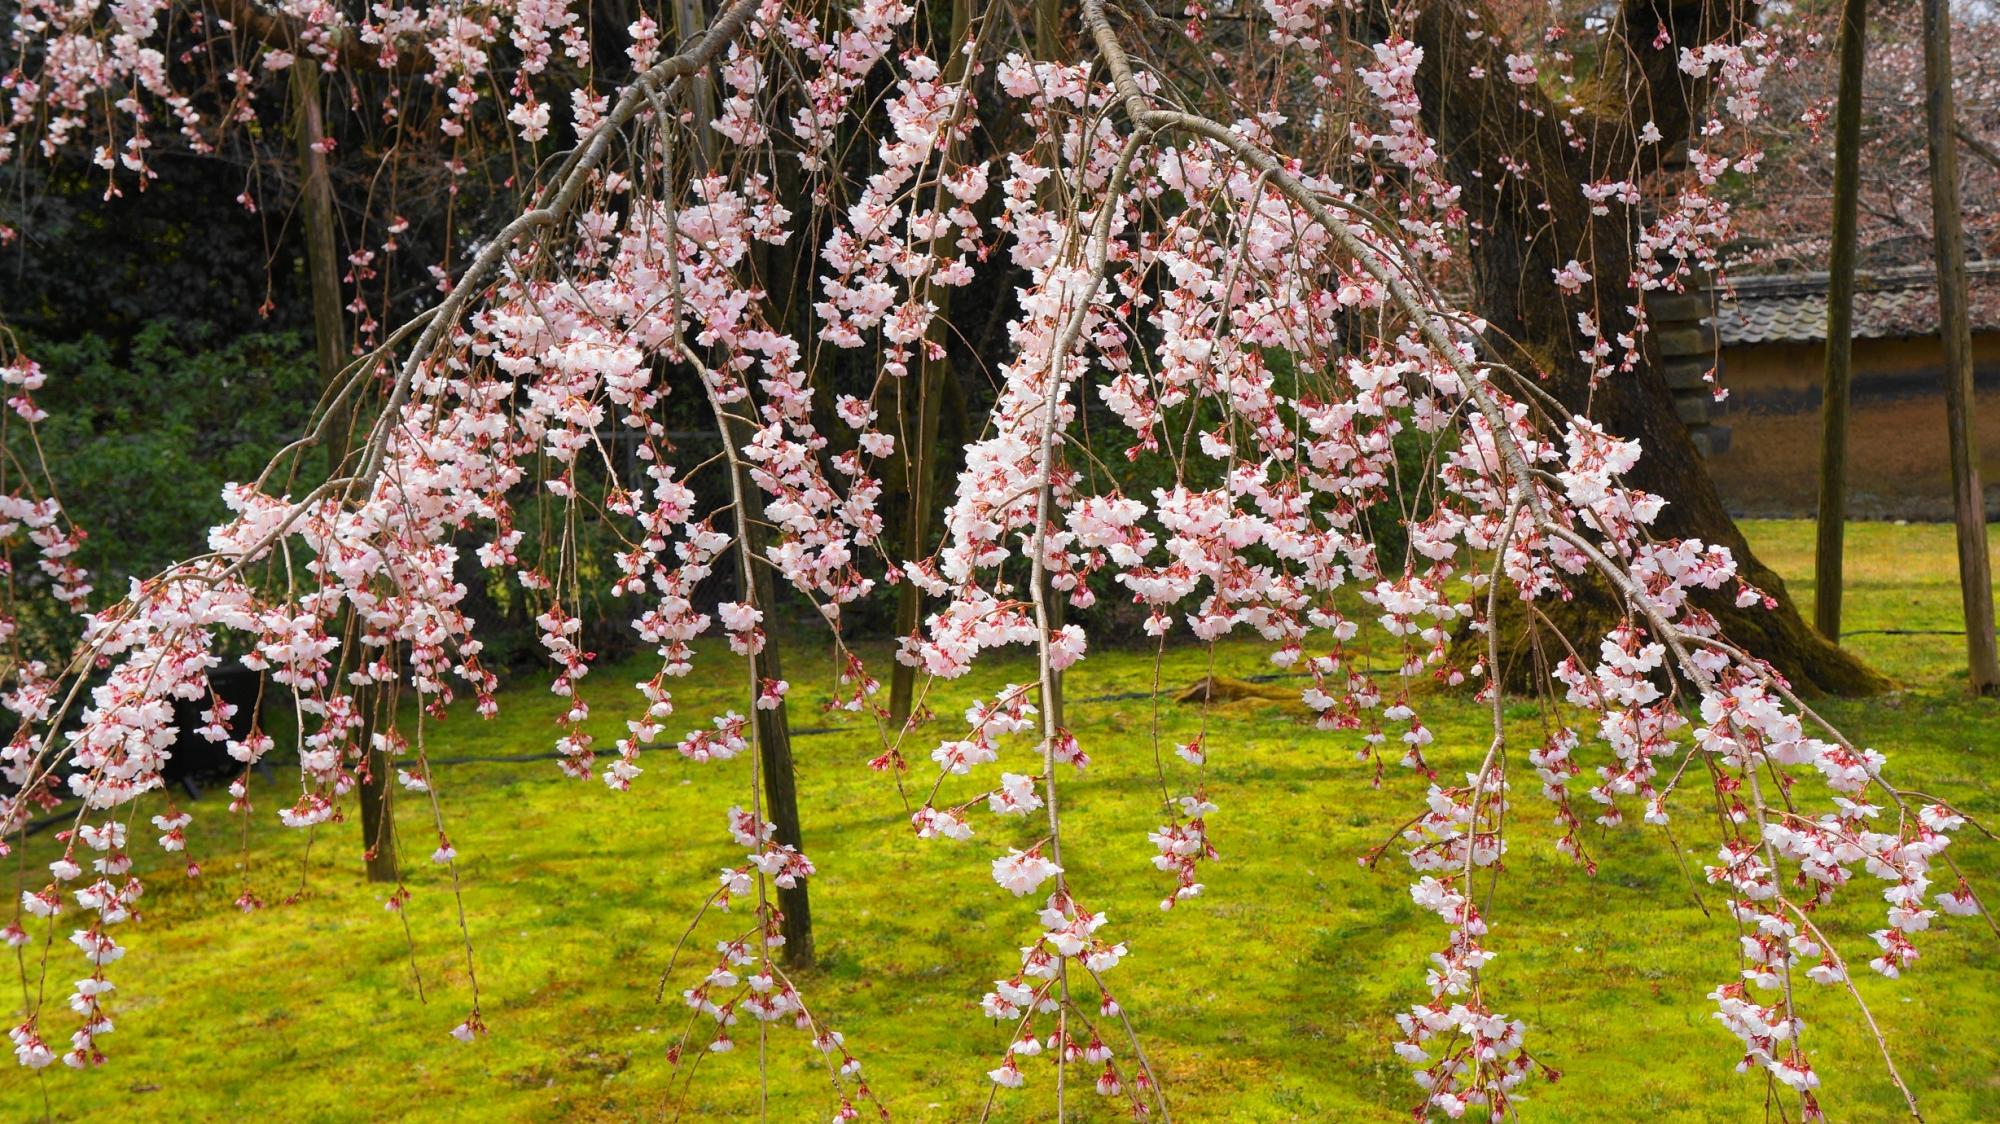 秀吉の醍醐の花見で有名な醍醐寺の霊宝館の見事な枝垂れ桜